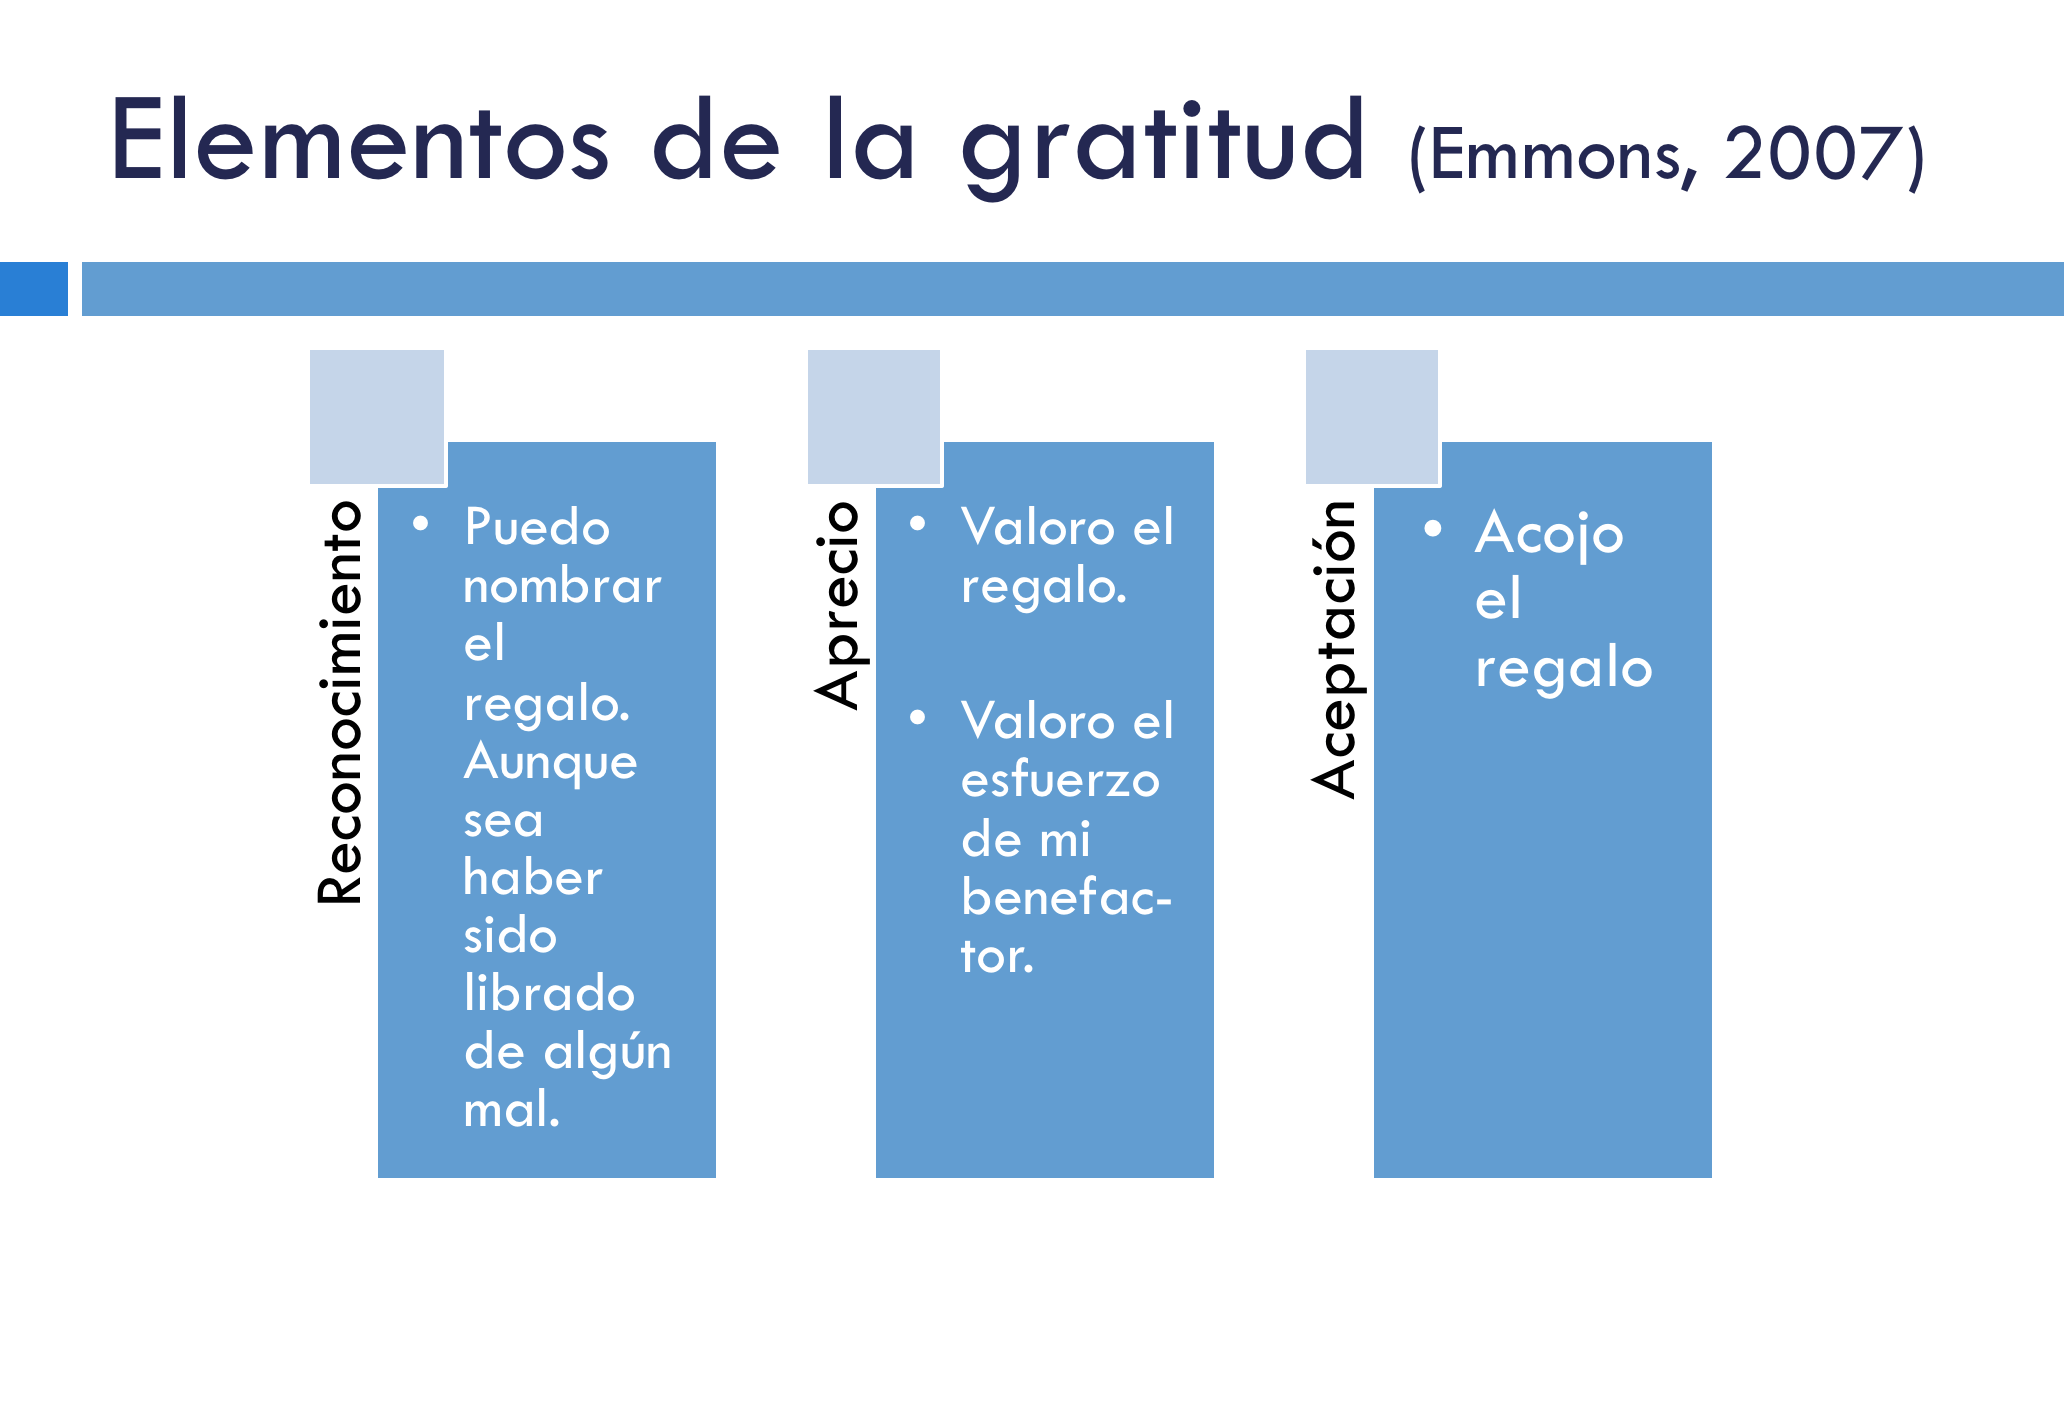 elementos de la gratitud